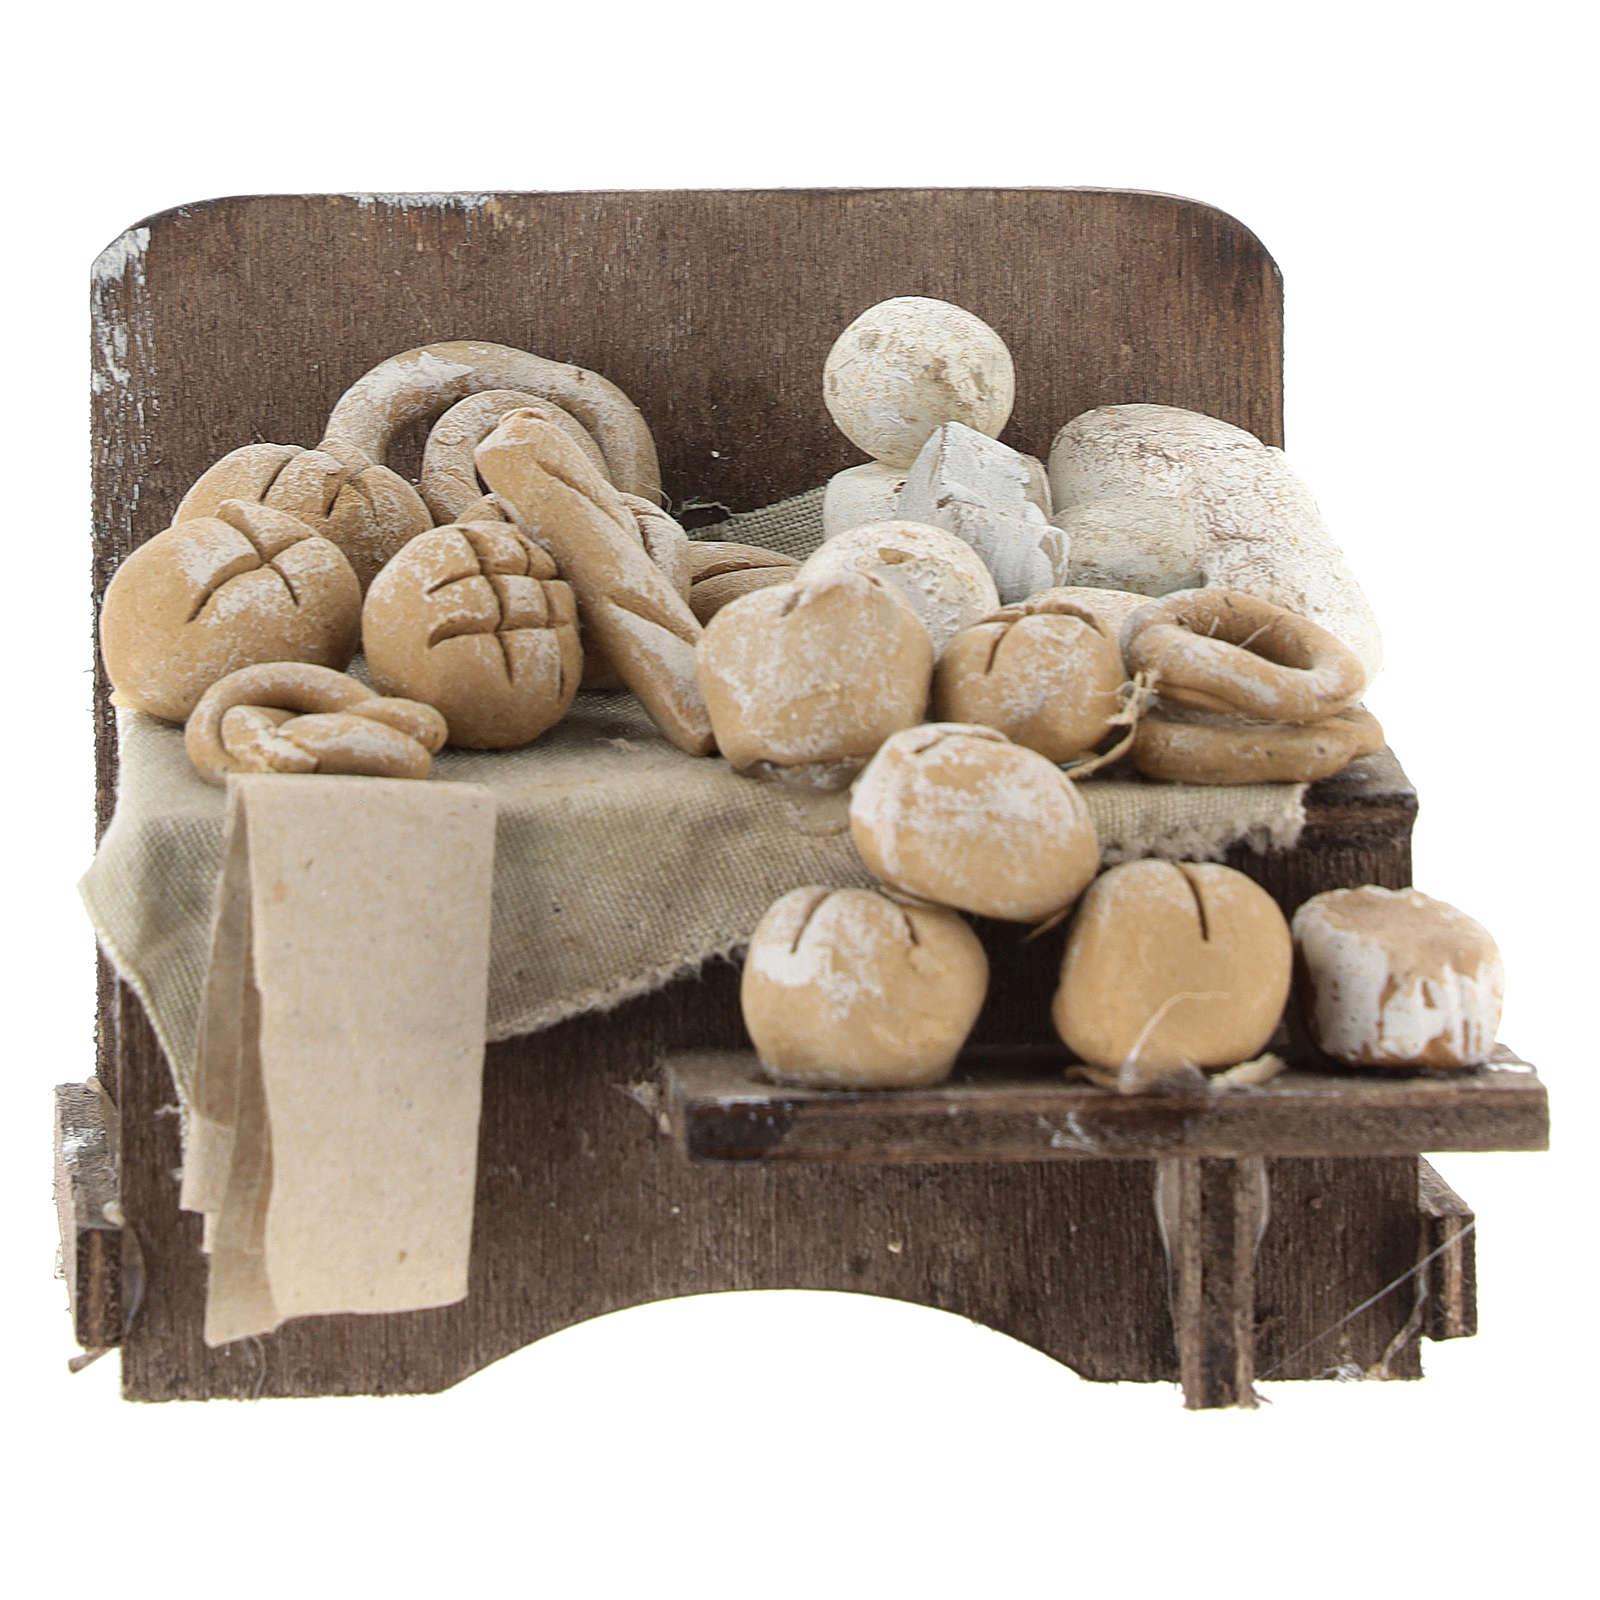 Banco con pan y quesos 7x9x8 cm belén napolitano 4